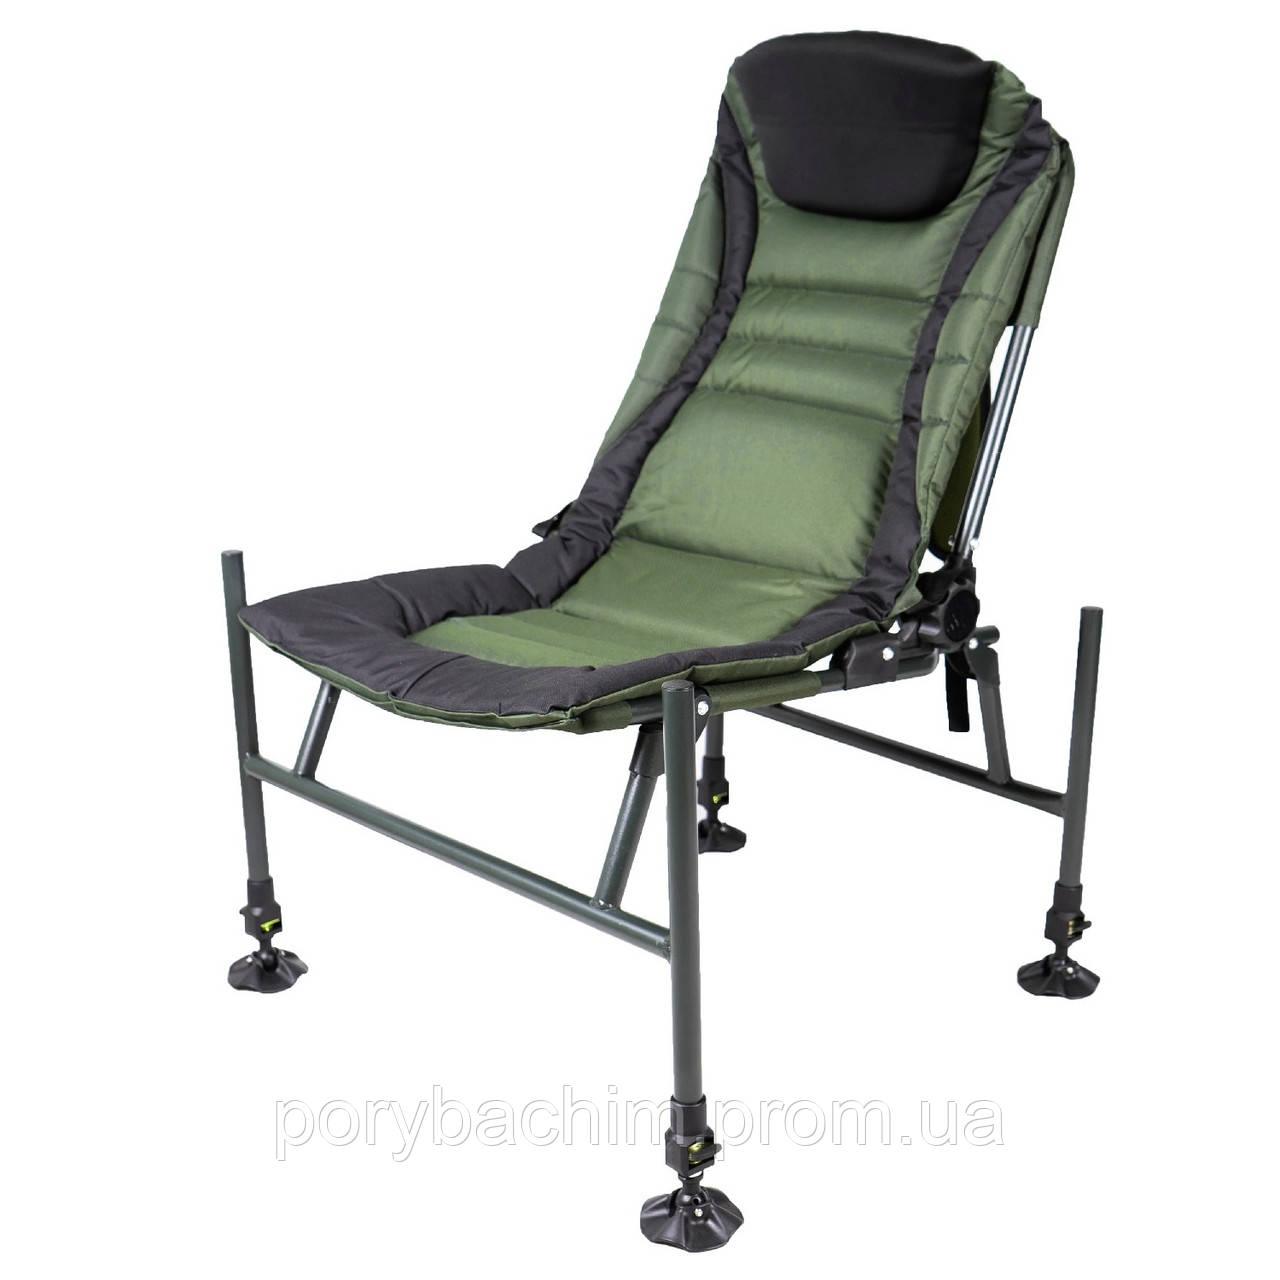 Карповое, фидерное кресло Ranger Feeder Chair (Арт. RA 2229)